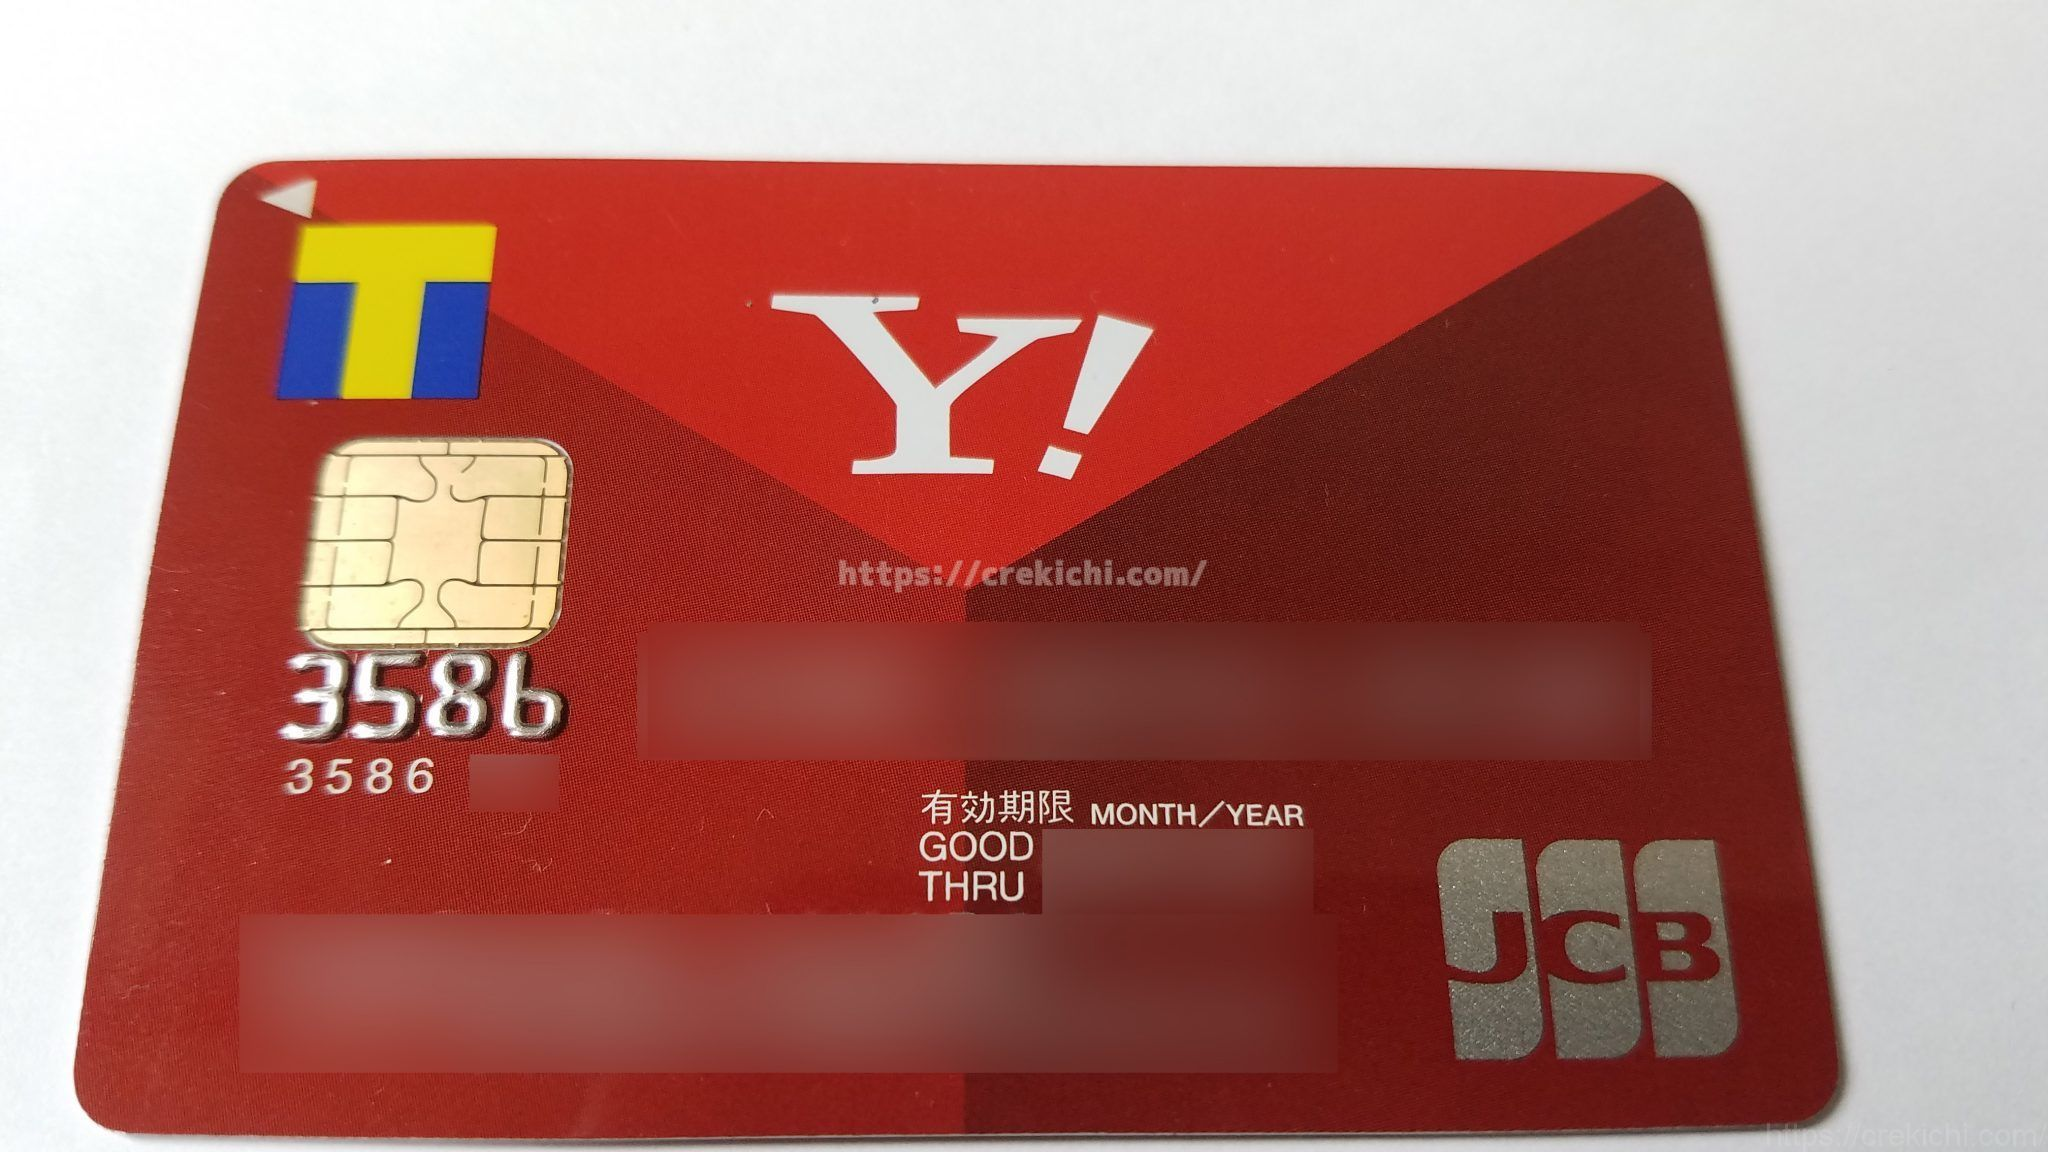 JCBブランドのカード